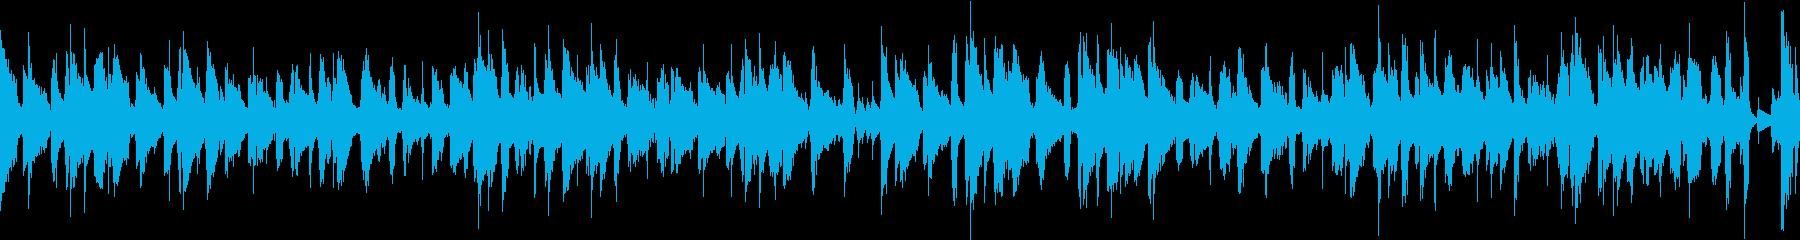 ウンチャカ / ほのぼのループBGMの再生済みの波形